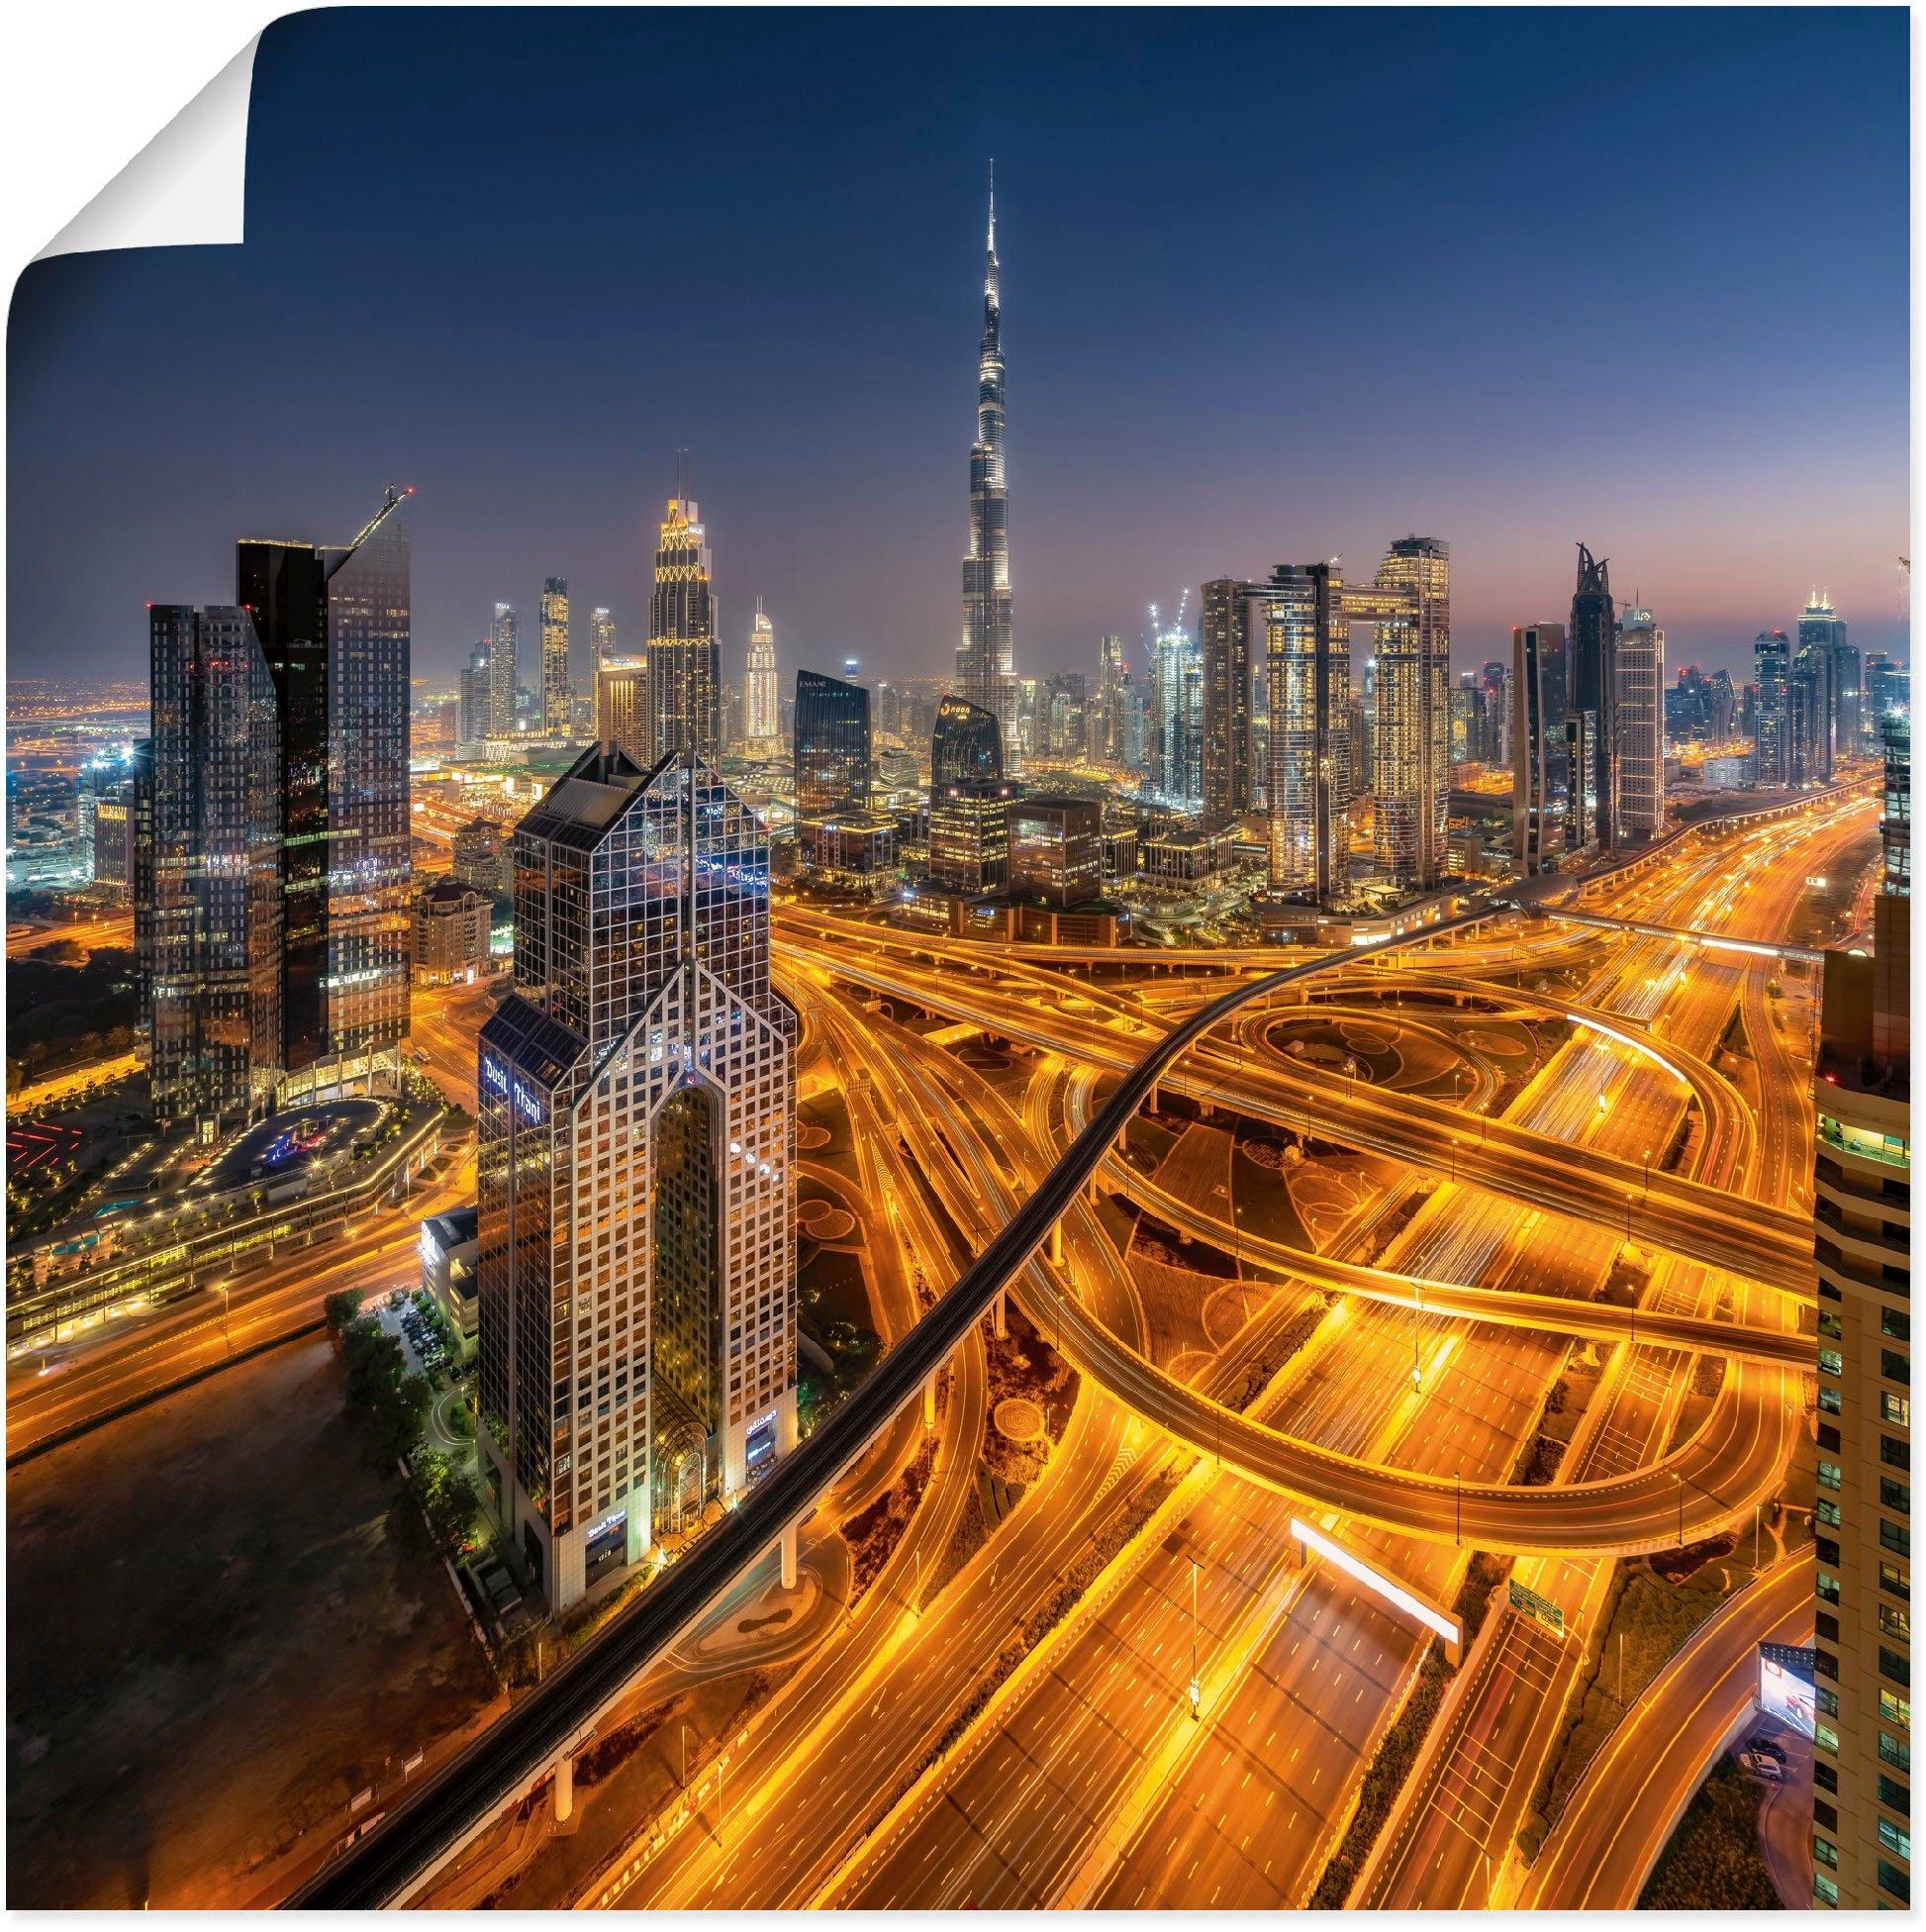 Artland artprint Skyline Dubai in vele afmetingen & productsoorten - artprint van aluminium / artprint voor buiten, artprint op linnen, poster, muursticker / wandfolie ook geschikt voor de badkamer online kopen op otto.nl